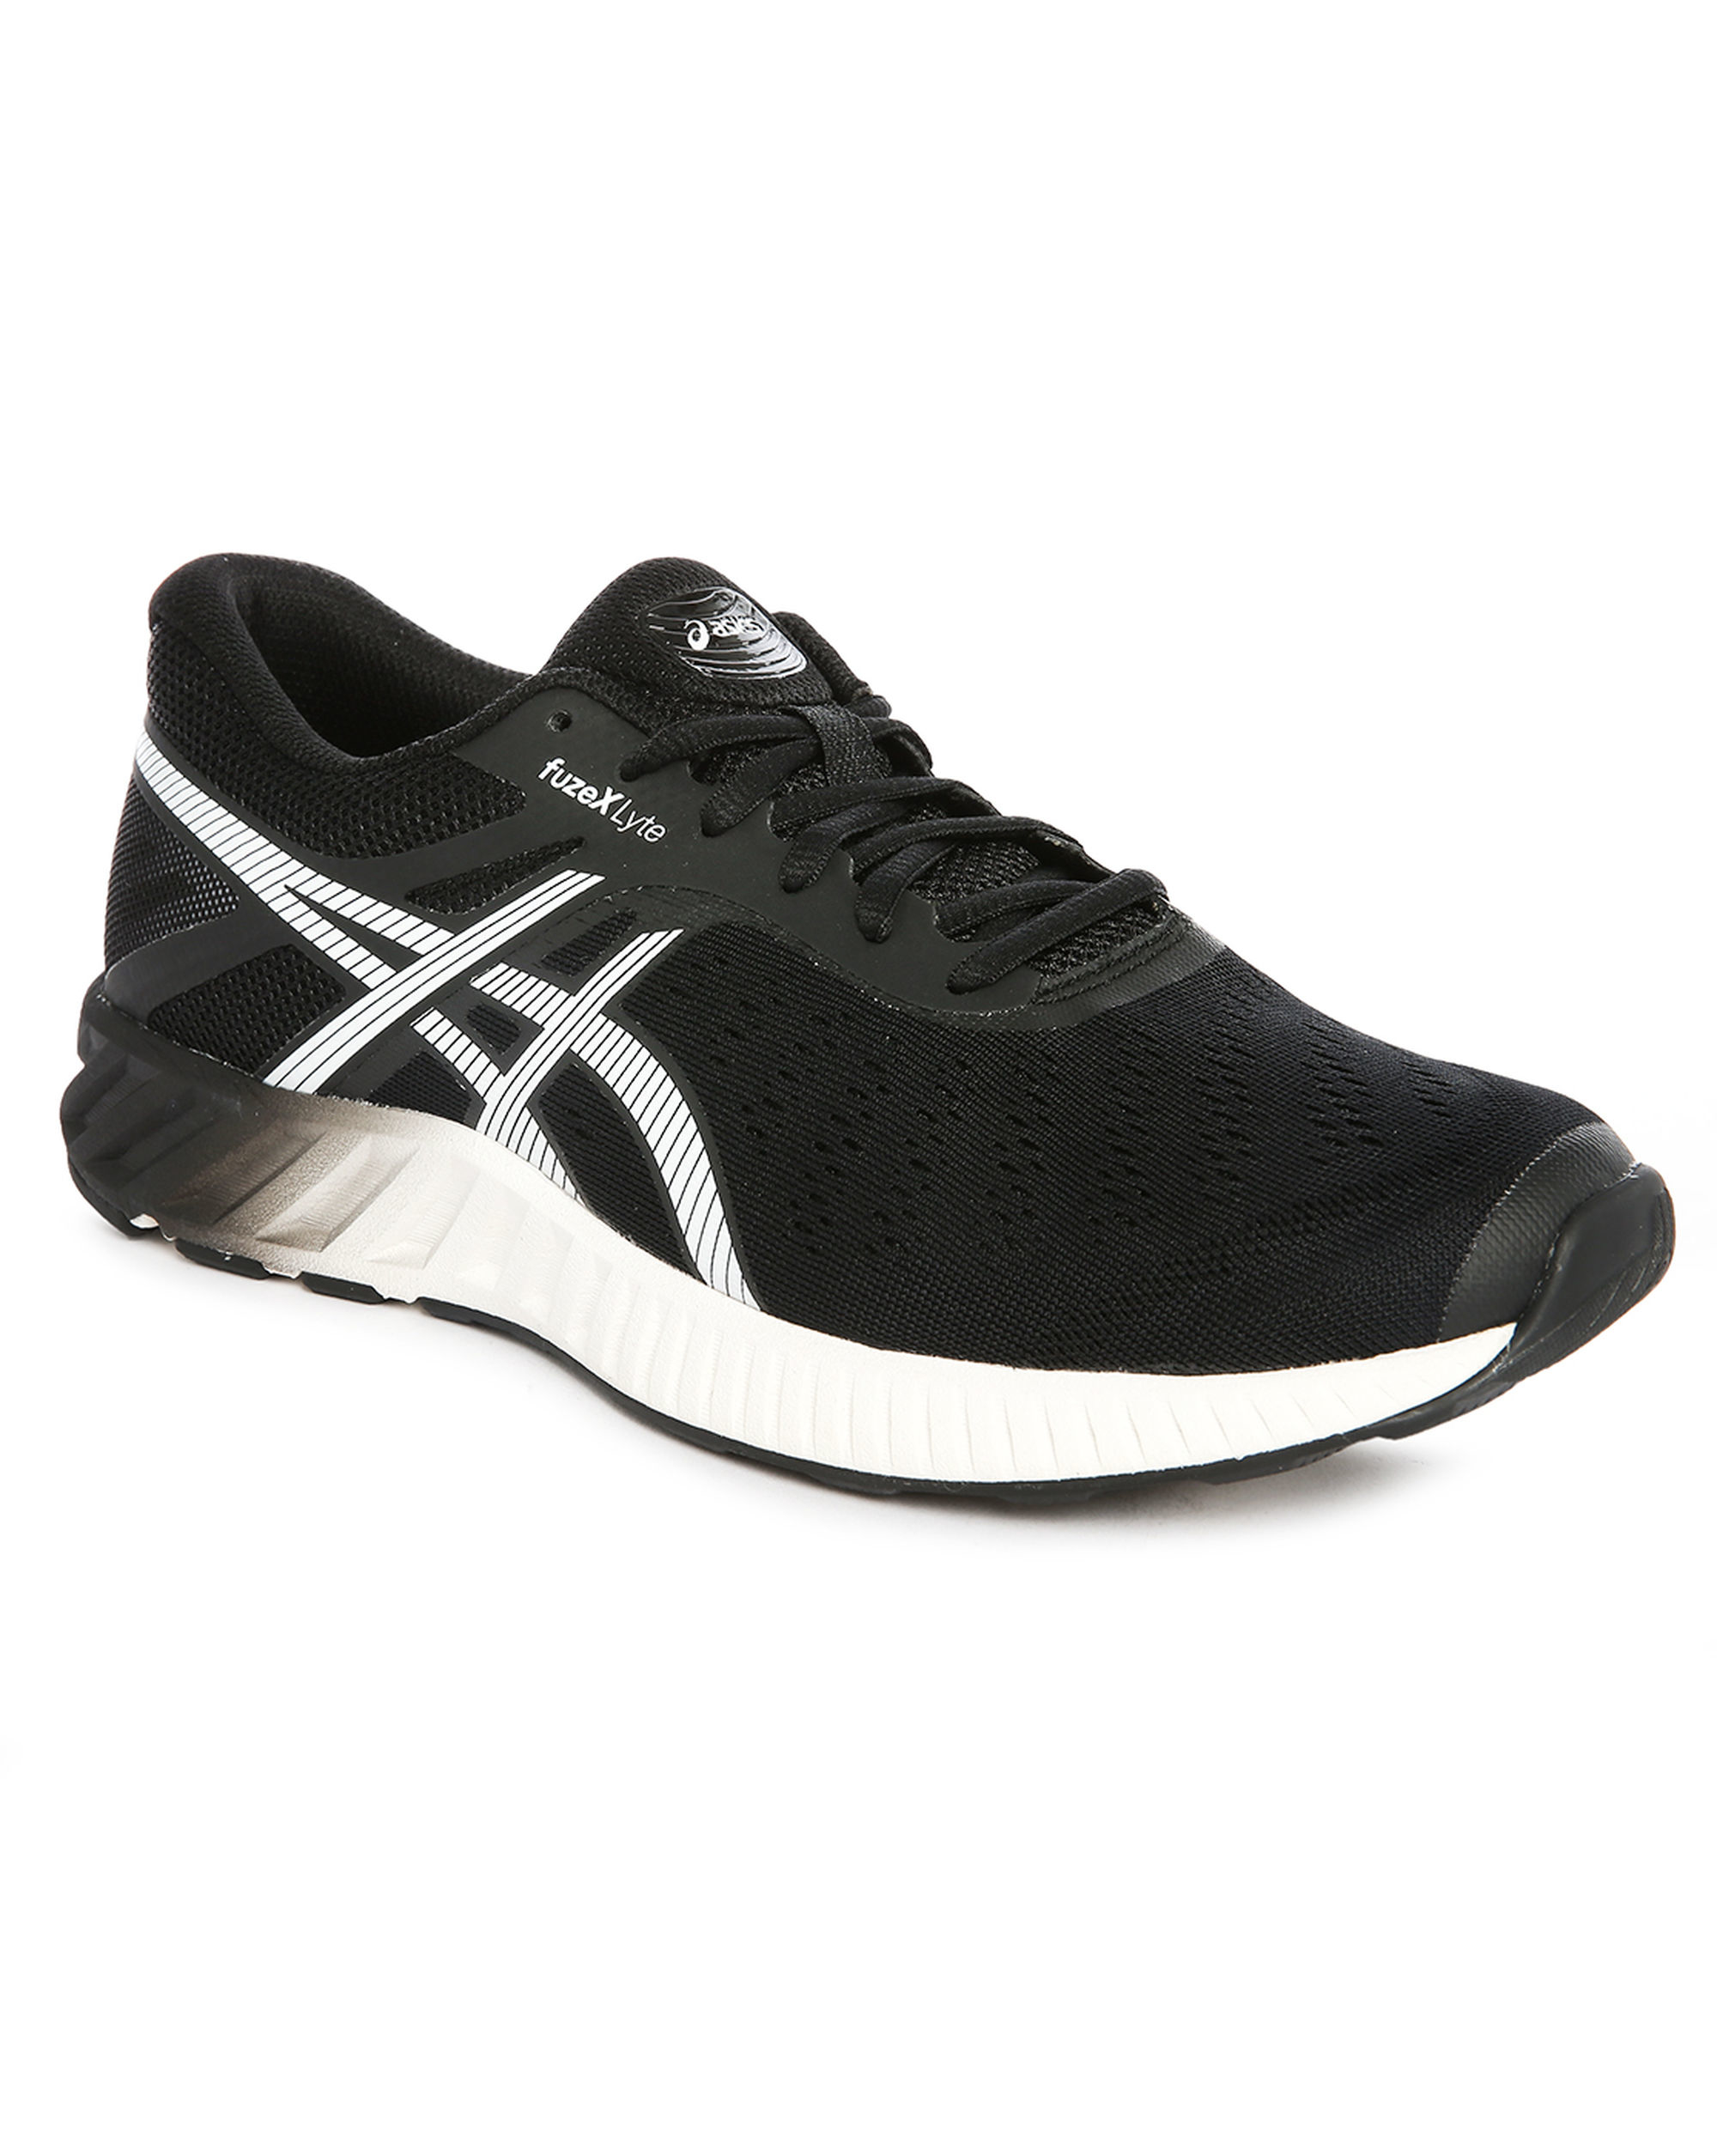 asics black white fuzex lyte running shoes in black for